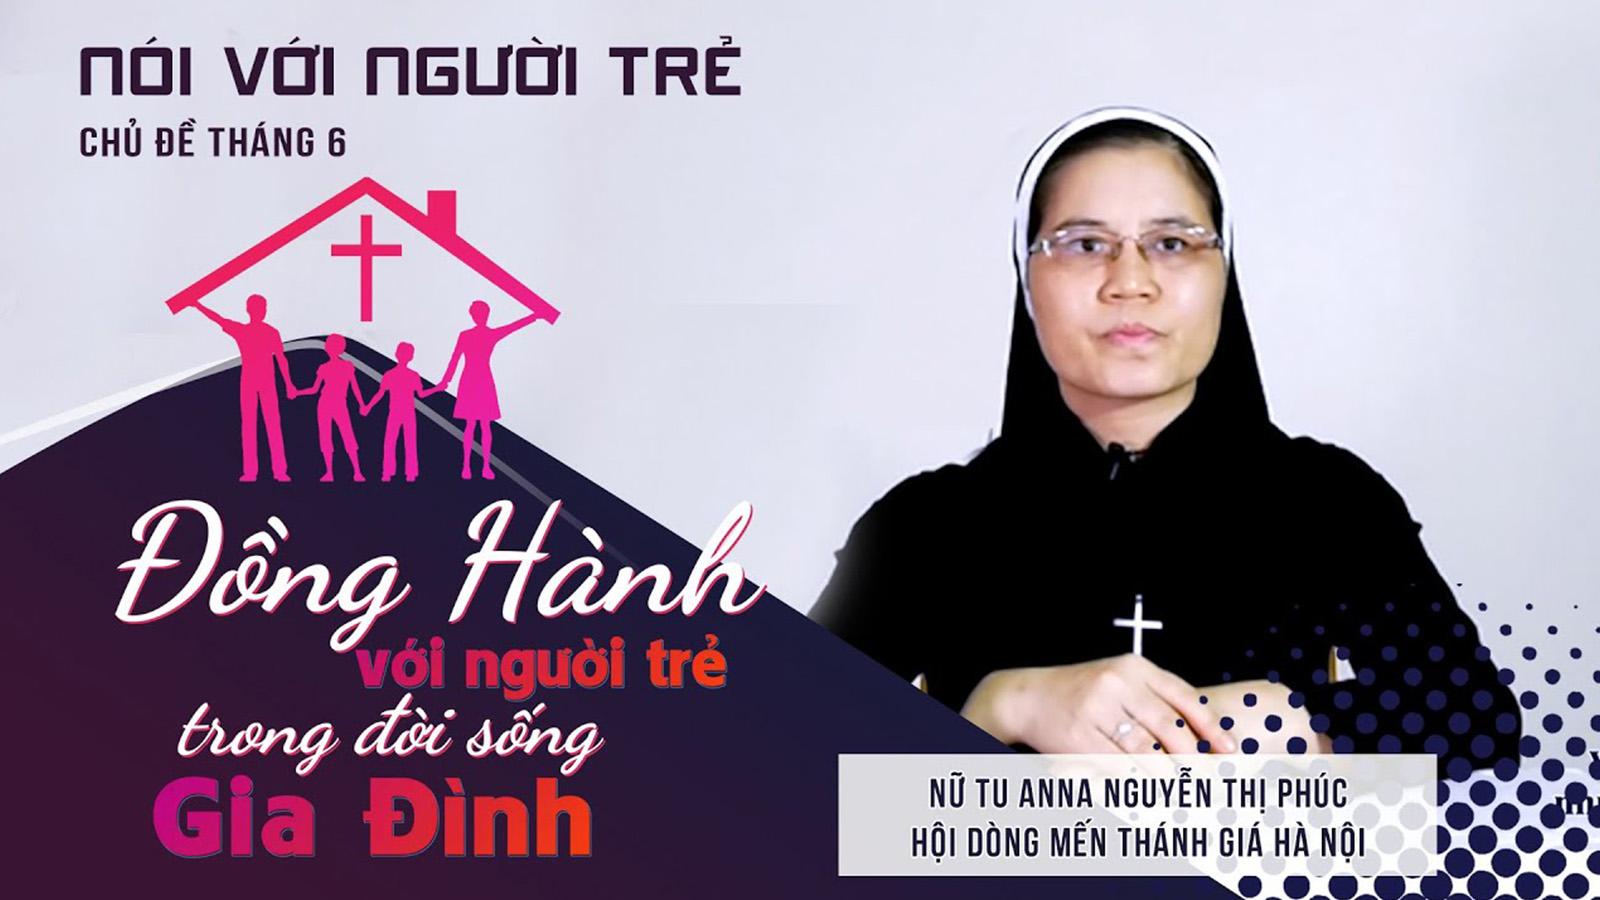 Đồng hành với người trẻ trong đời sống Gia đình | Sr Anna Nguyễn Thị Phúc - Dòng MTG Hà Nội